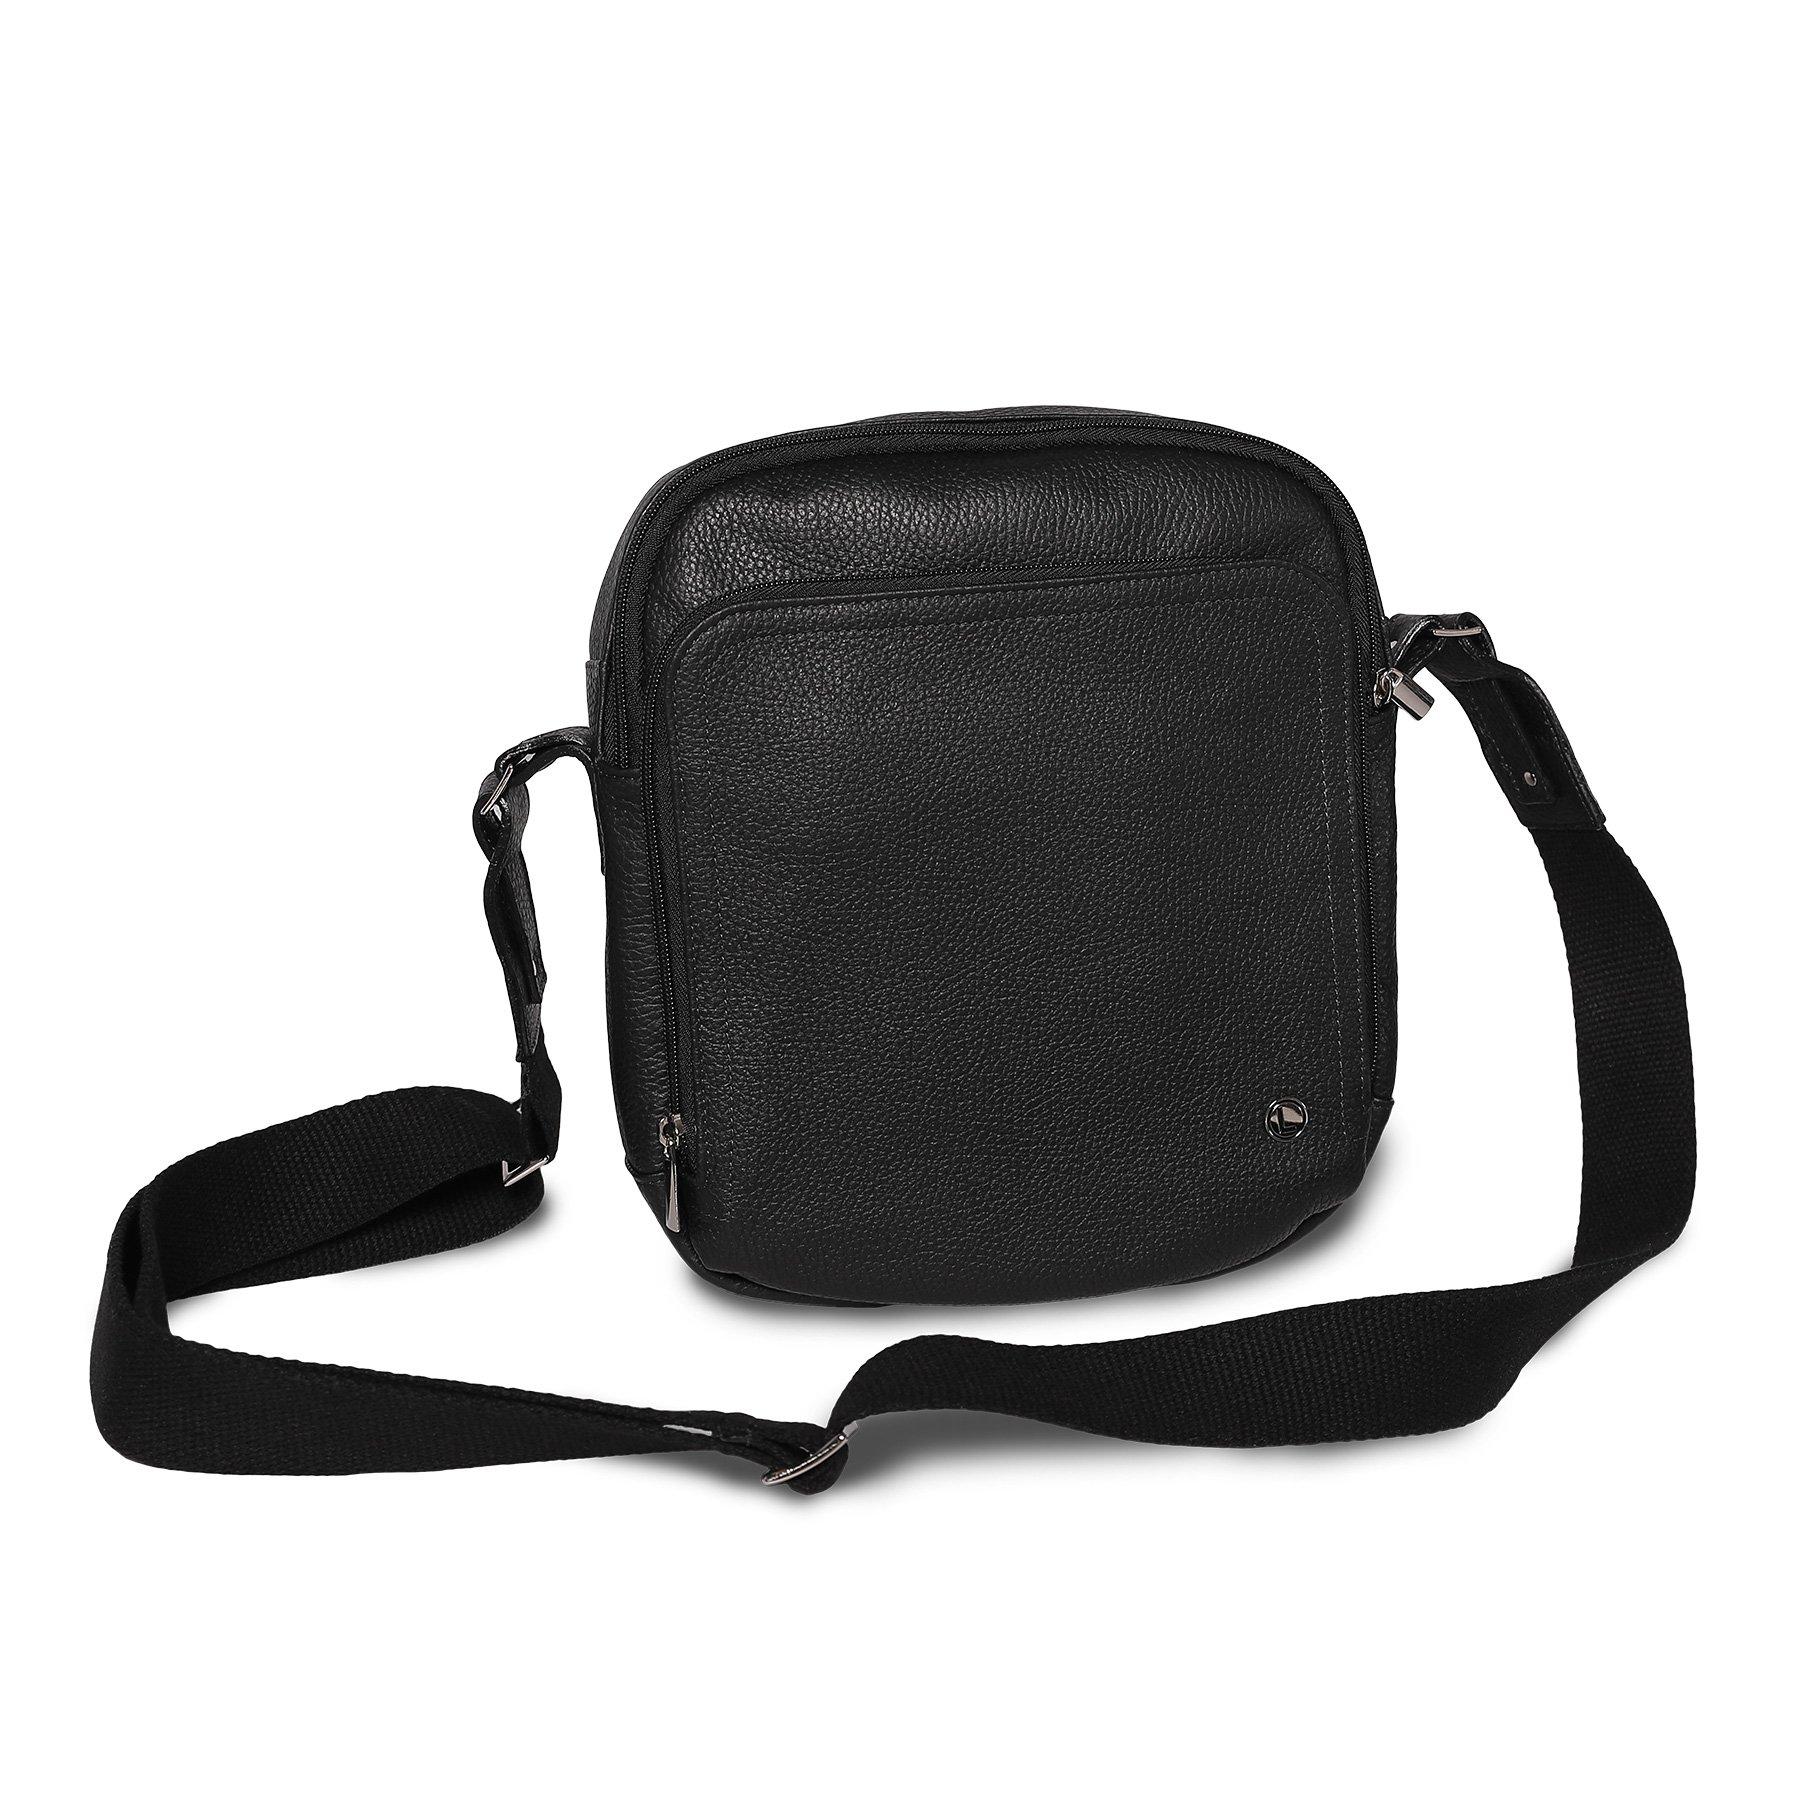 4fcea3f03af01 Akcesoria    Codzienne    Torby i plecaki